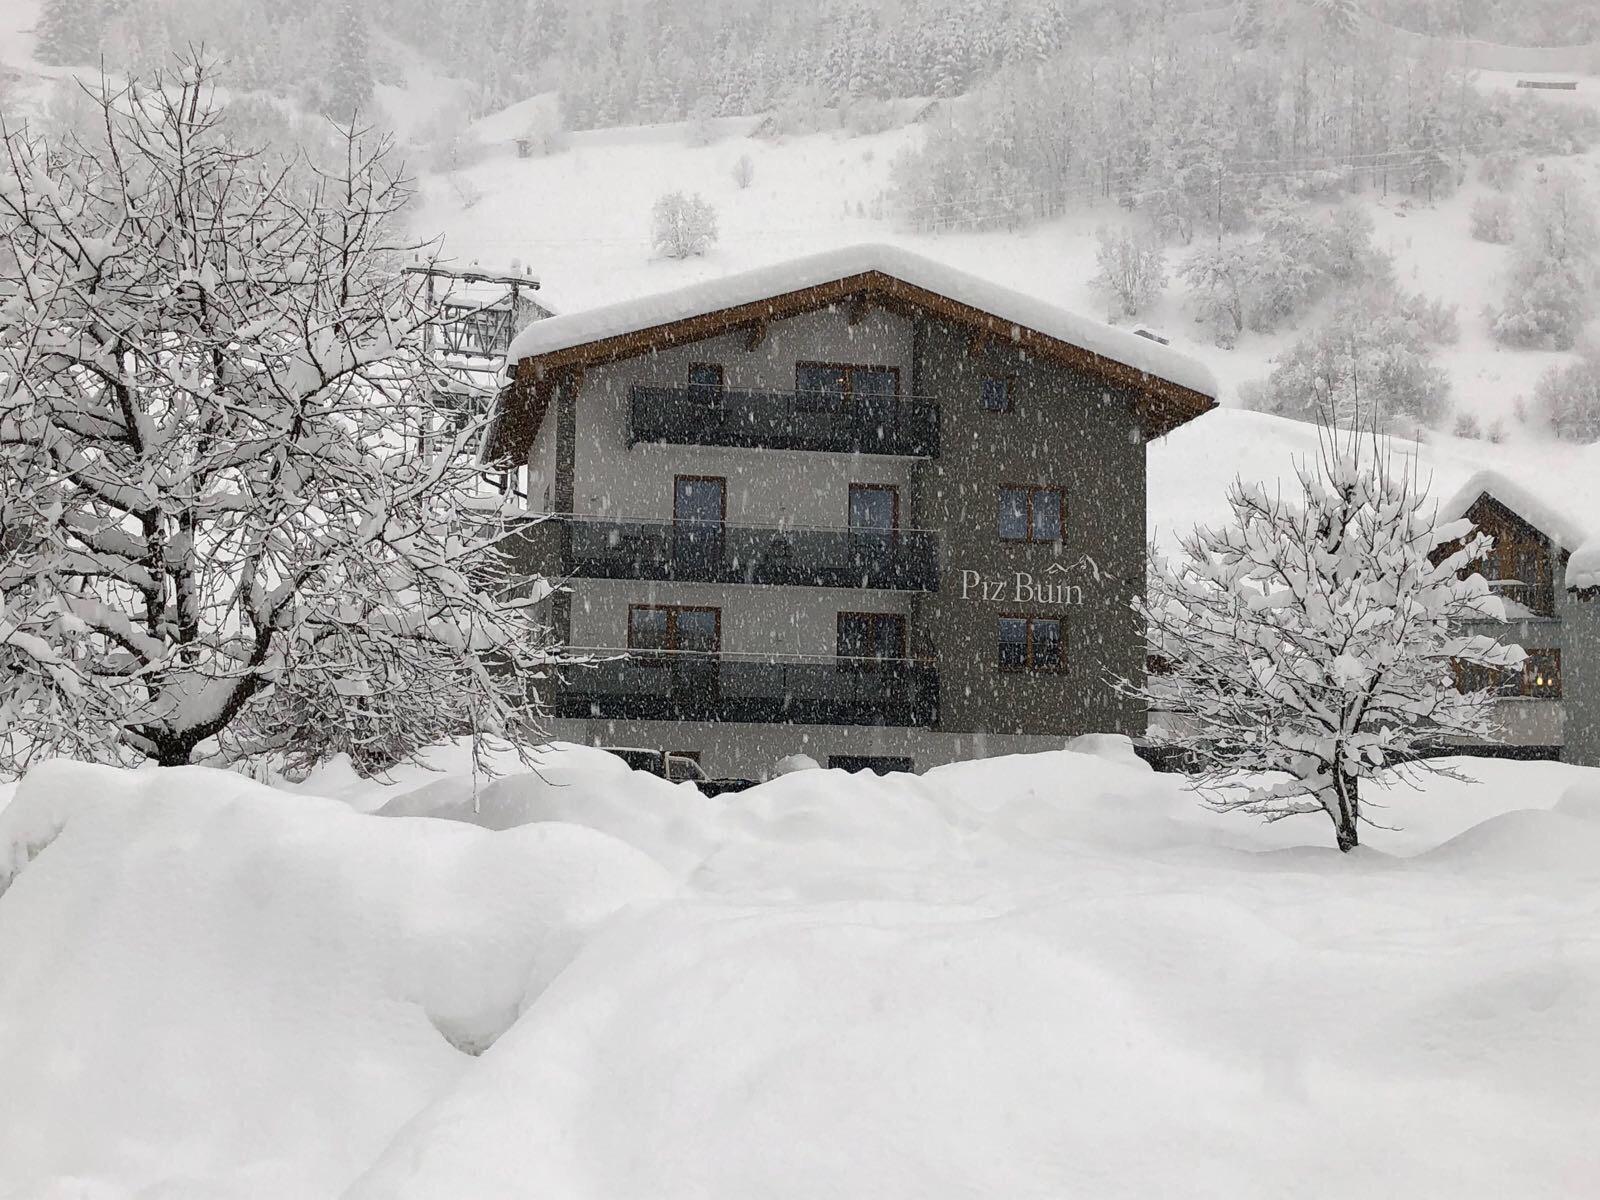 Ansicht Haus Piz Buin bei Schneefall im Winter